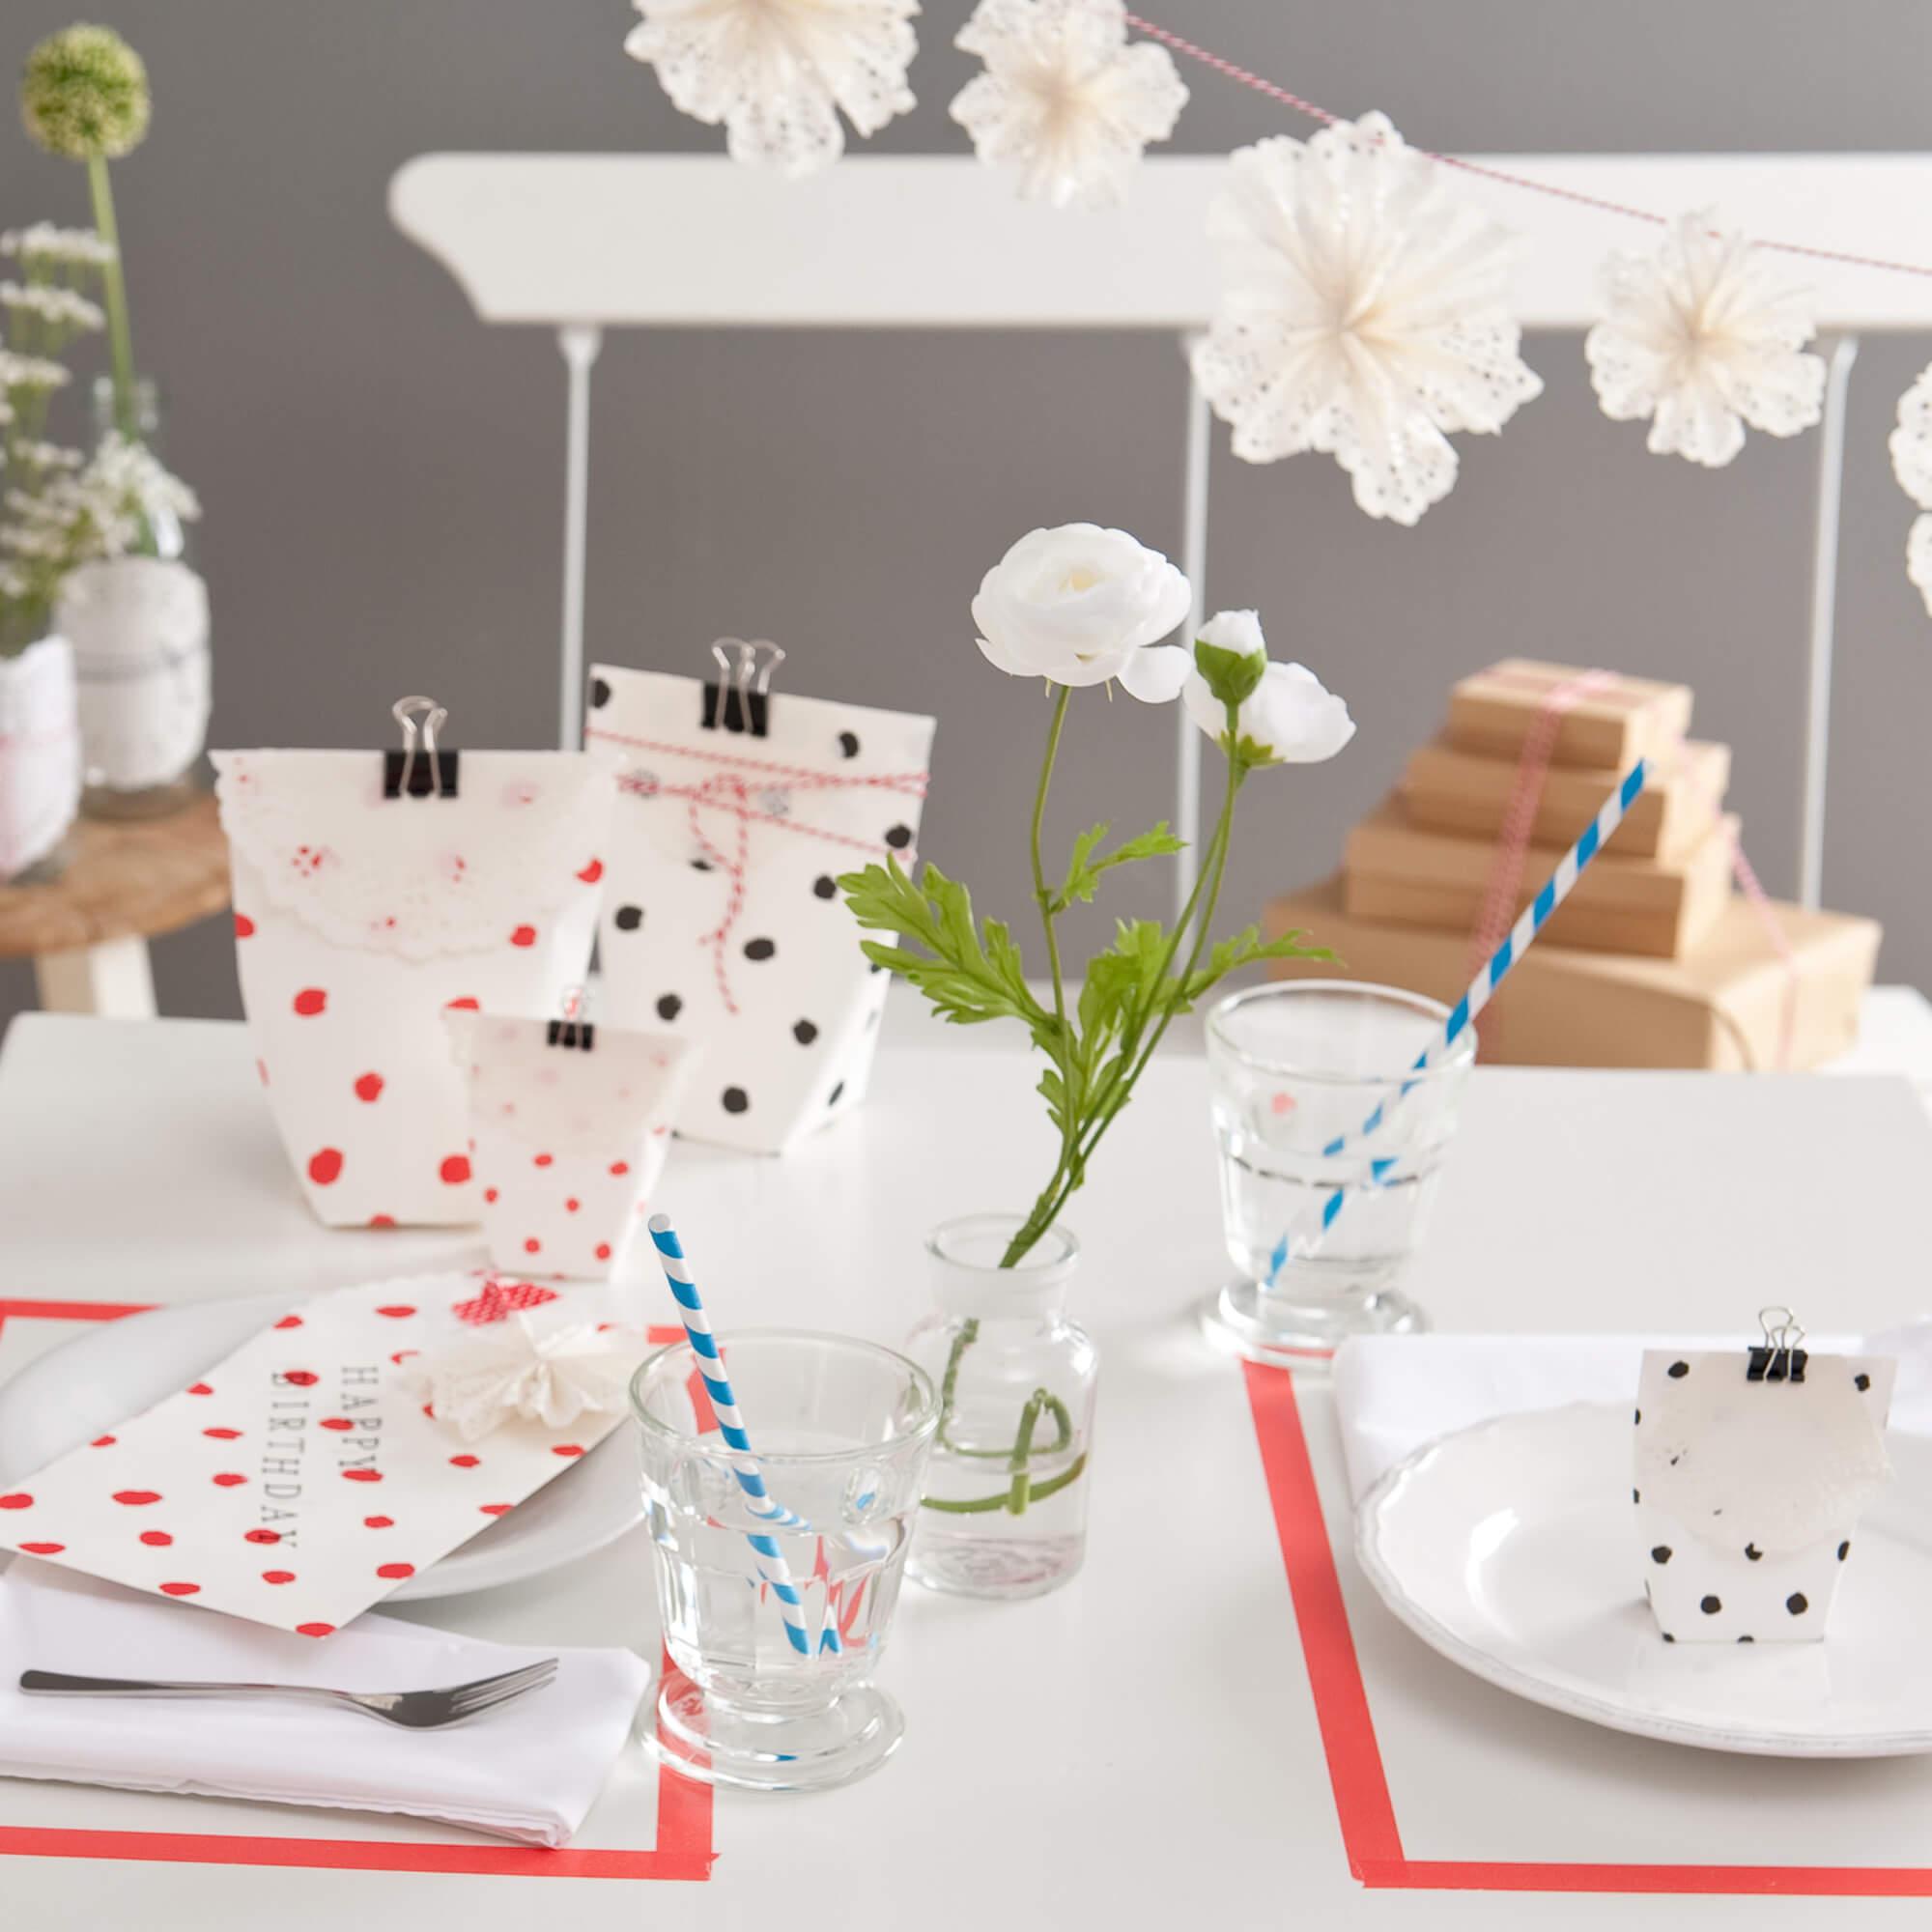 basteln und dekorieren mit tortenspitze anleitung kostenlos verwenden. Black Bedroom Furniture Sets. Home Design Ideas